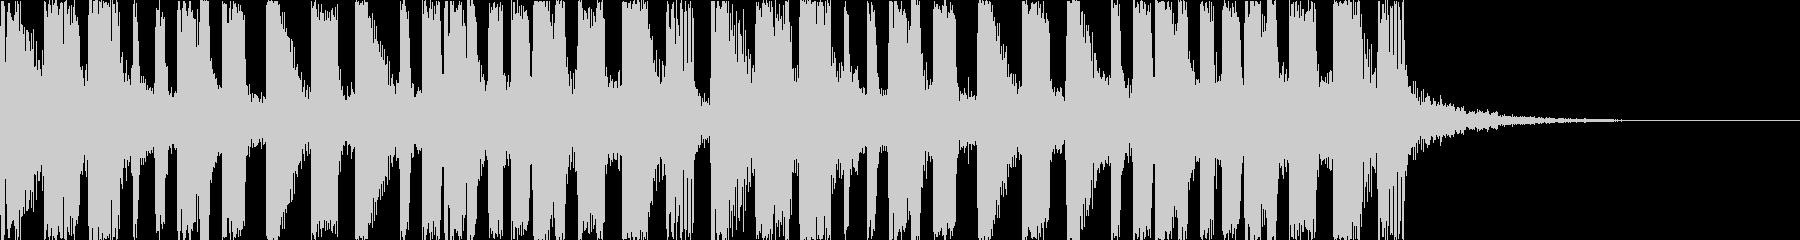 キャッチーで印象的なEDMの未再生の波形